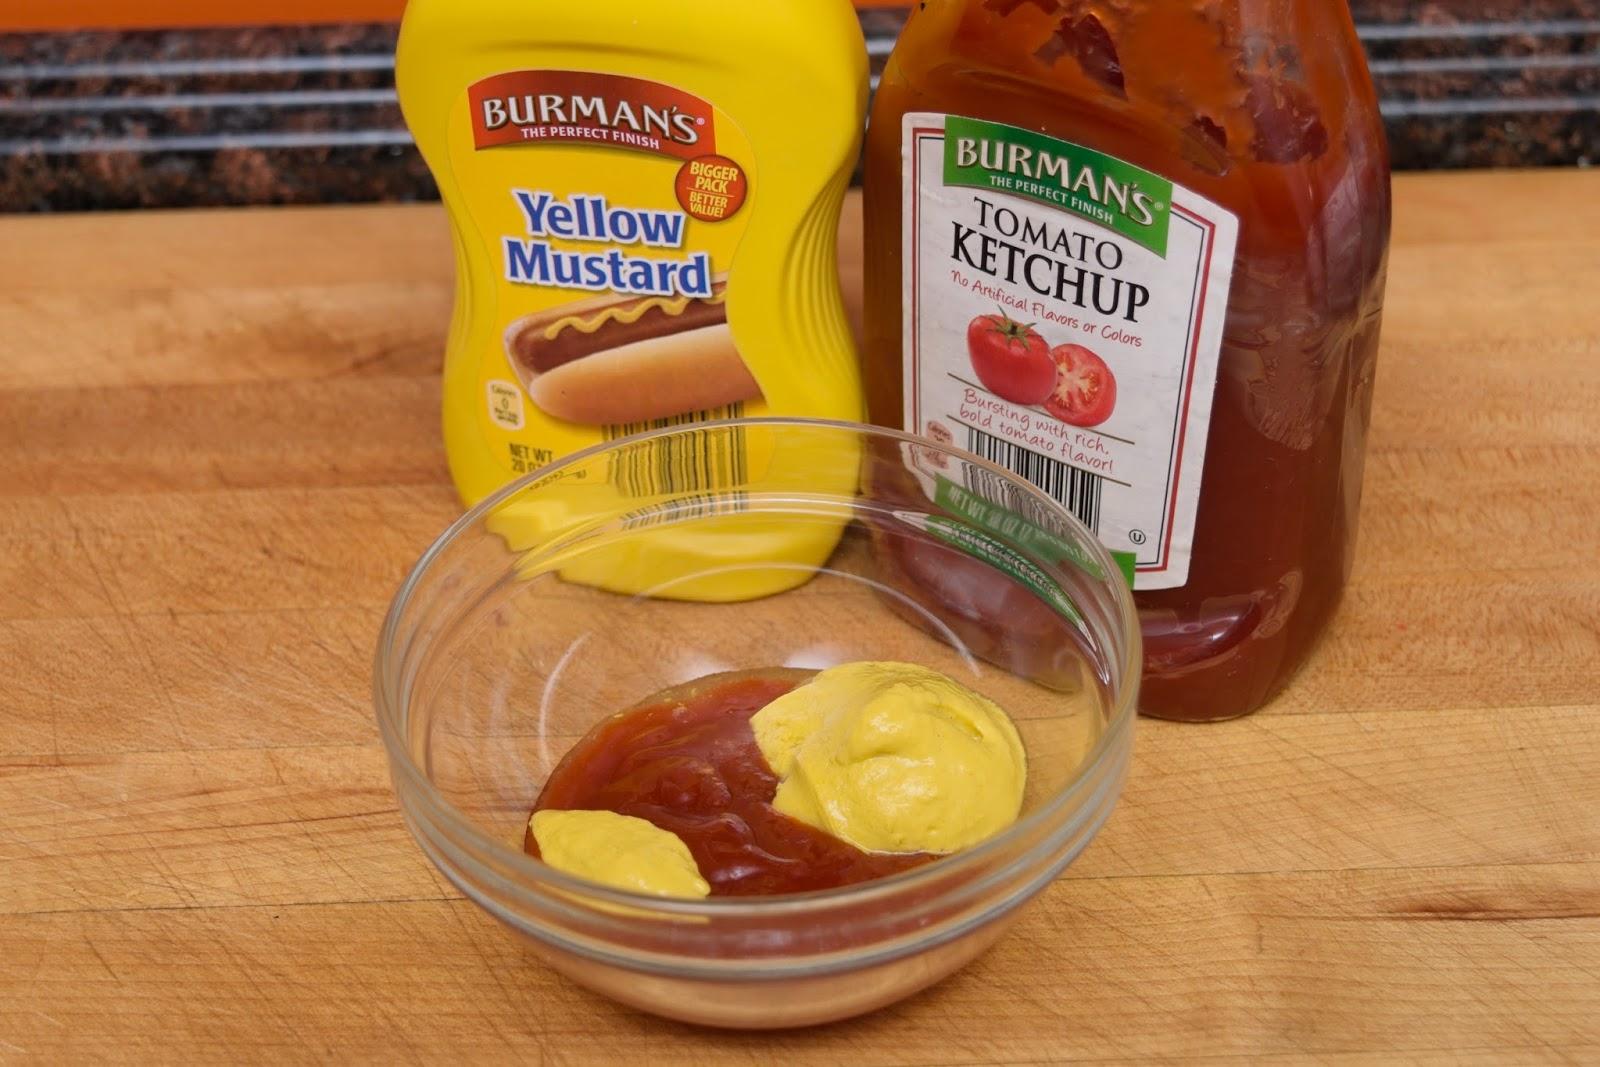 Ketchup And Mustard Mixed